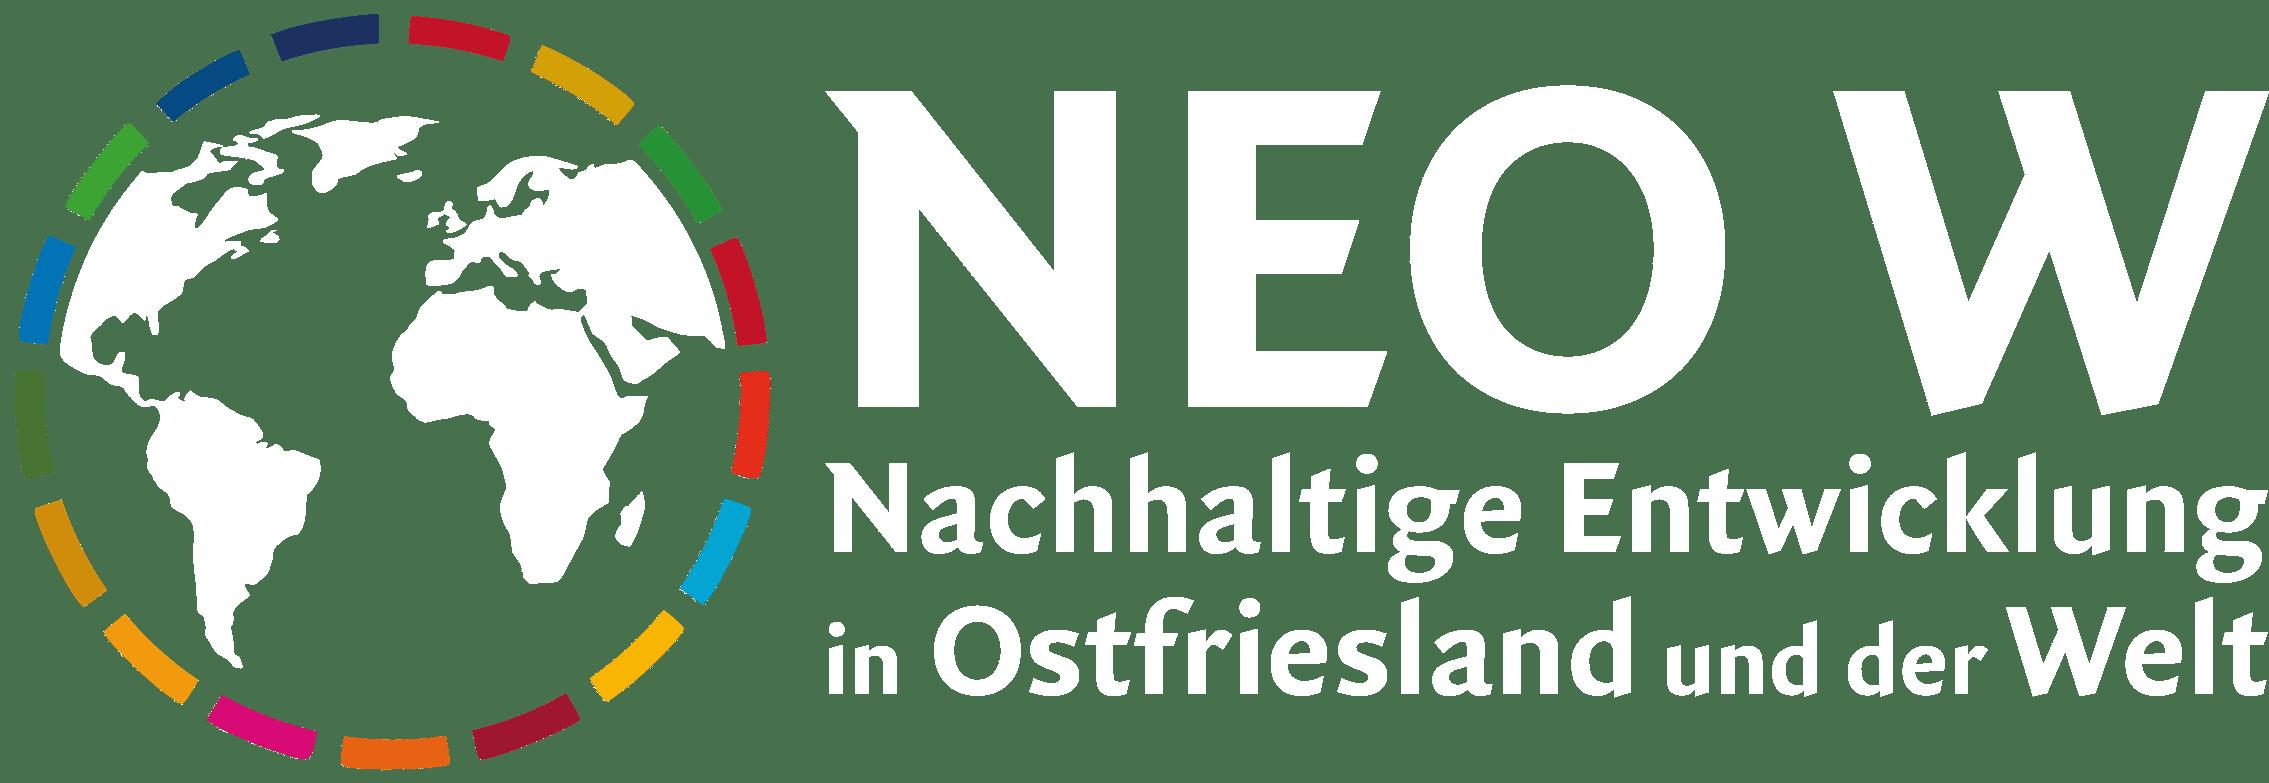 NEOW Logo